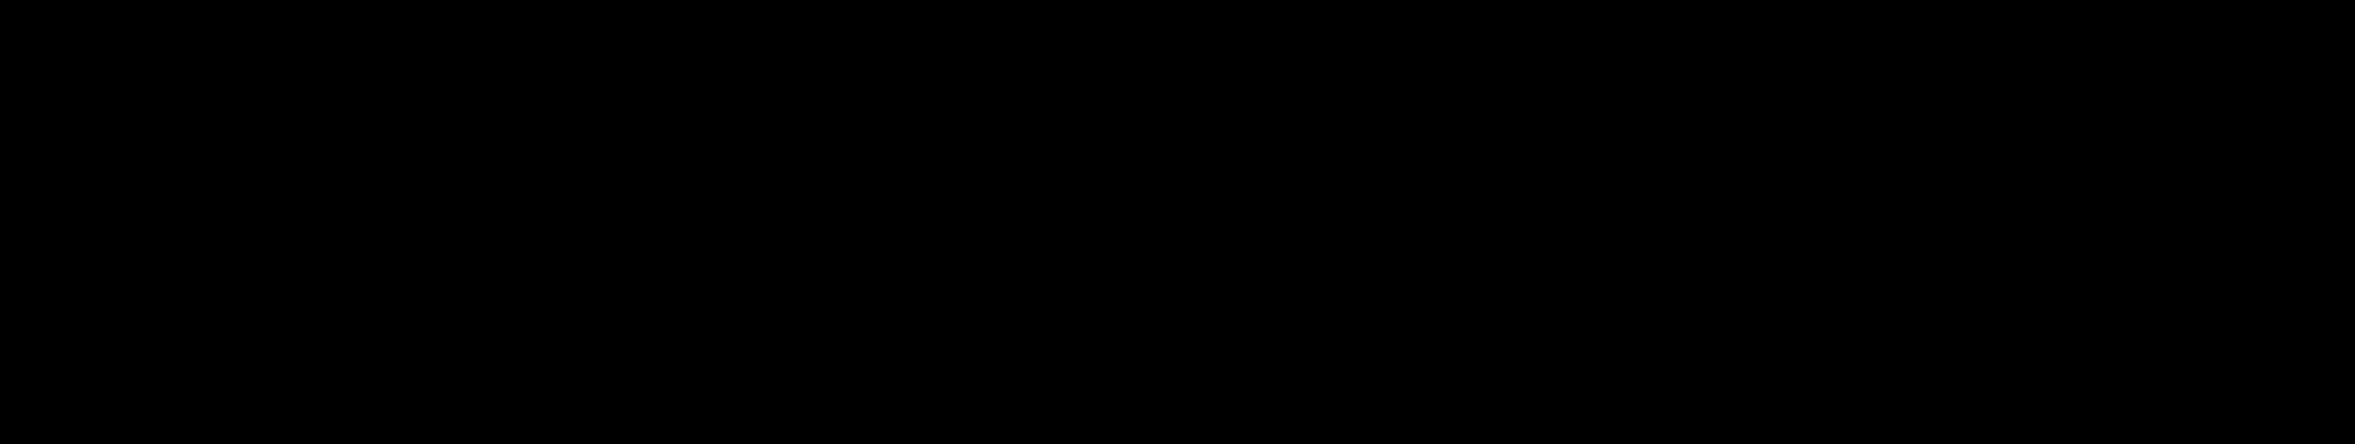 Archigymnasium